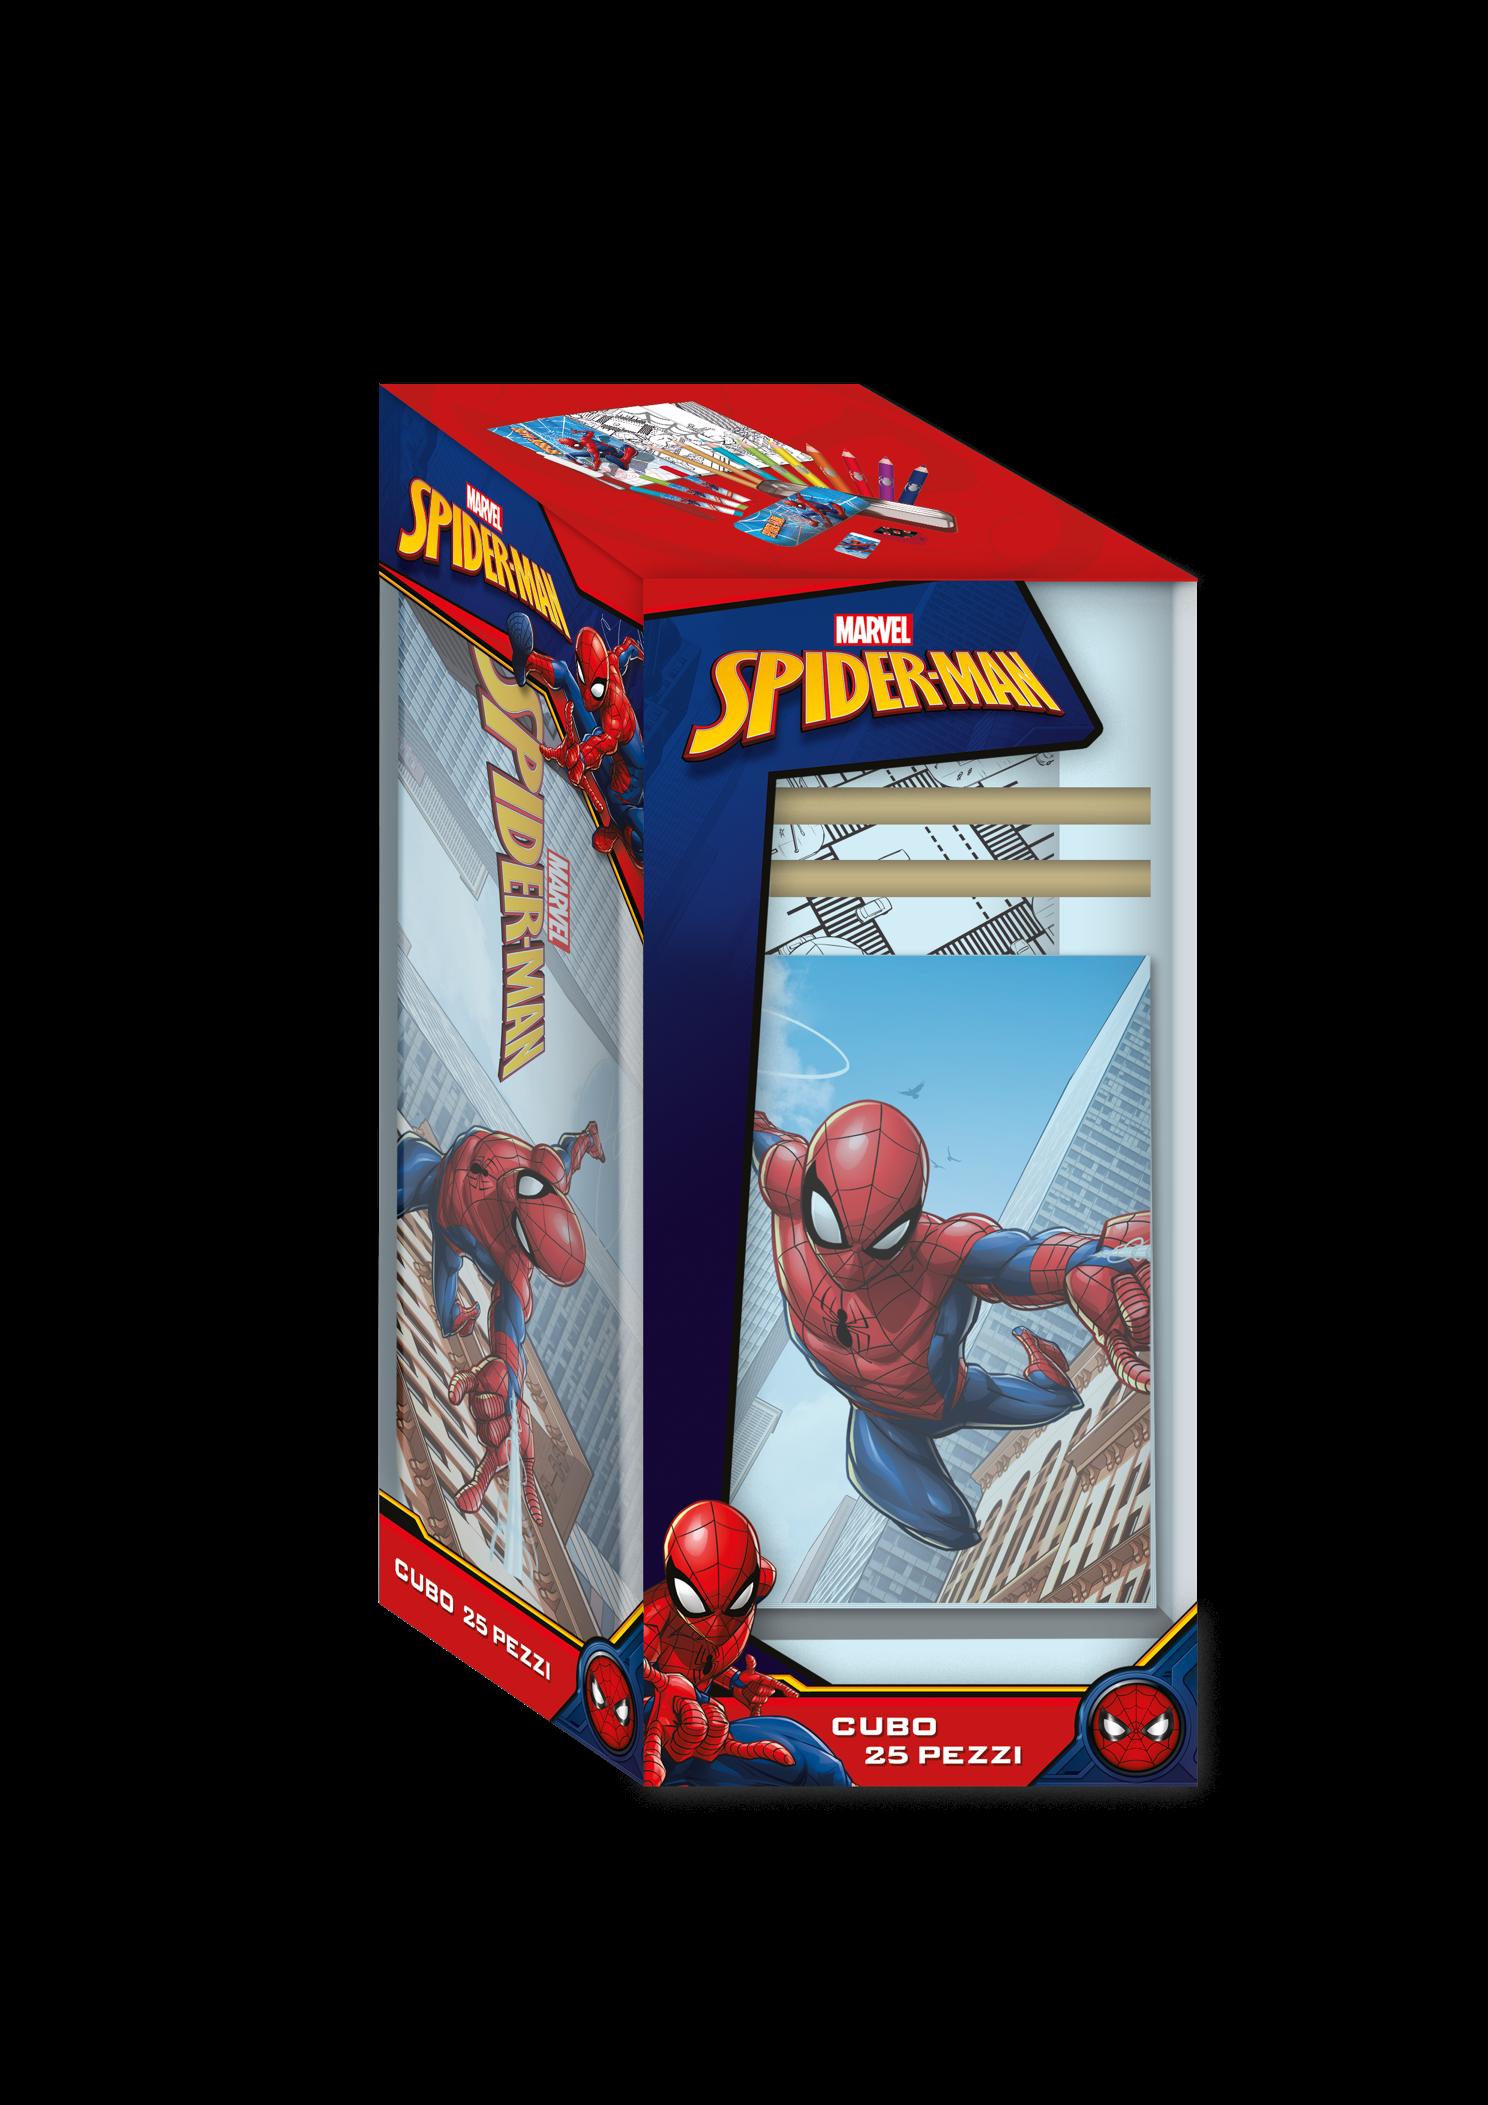 Cubo della creatività di spiderman - SPIDERMAN MARVEL